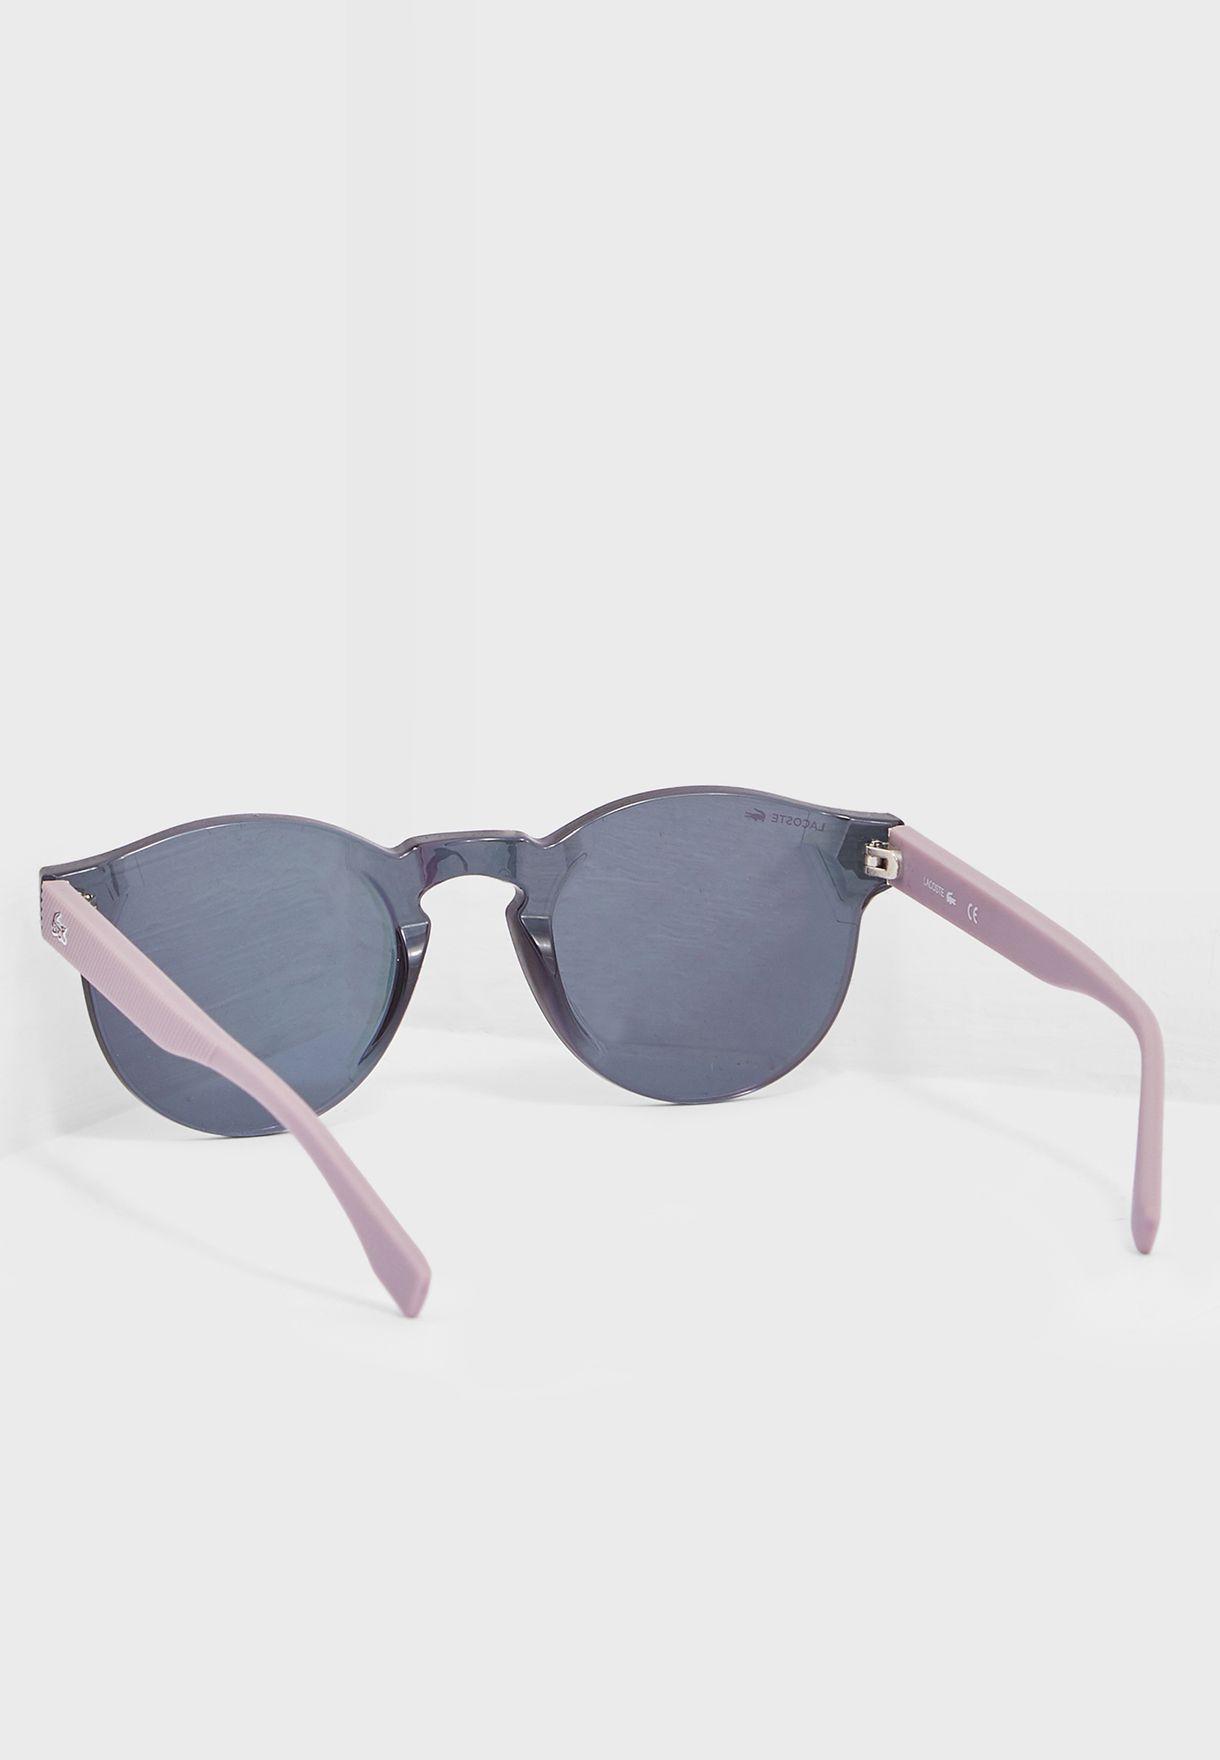 نظارة شمسية شيلد بحماية كاملة من اشعة الشمس